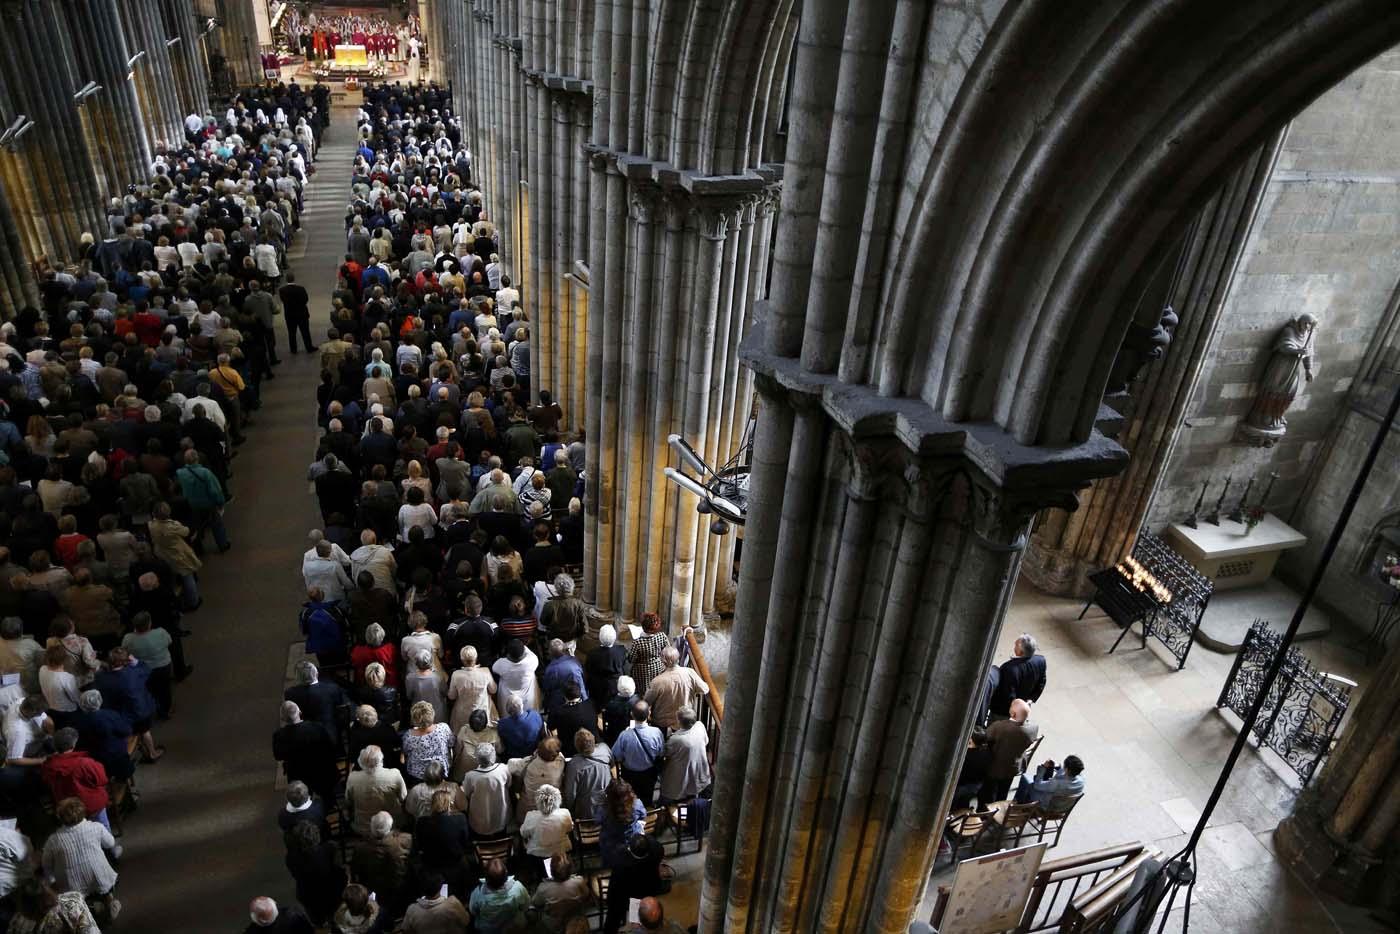 Francia realiza funeral de sacerdote asesinado